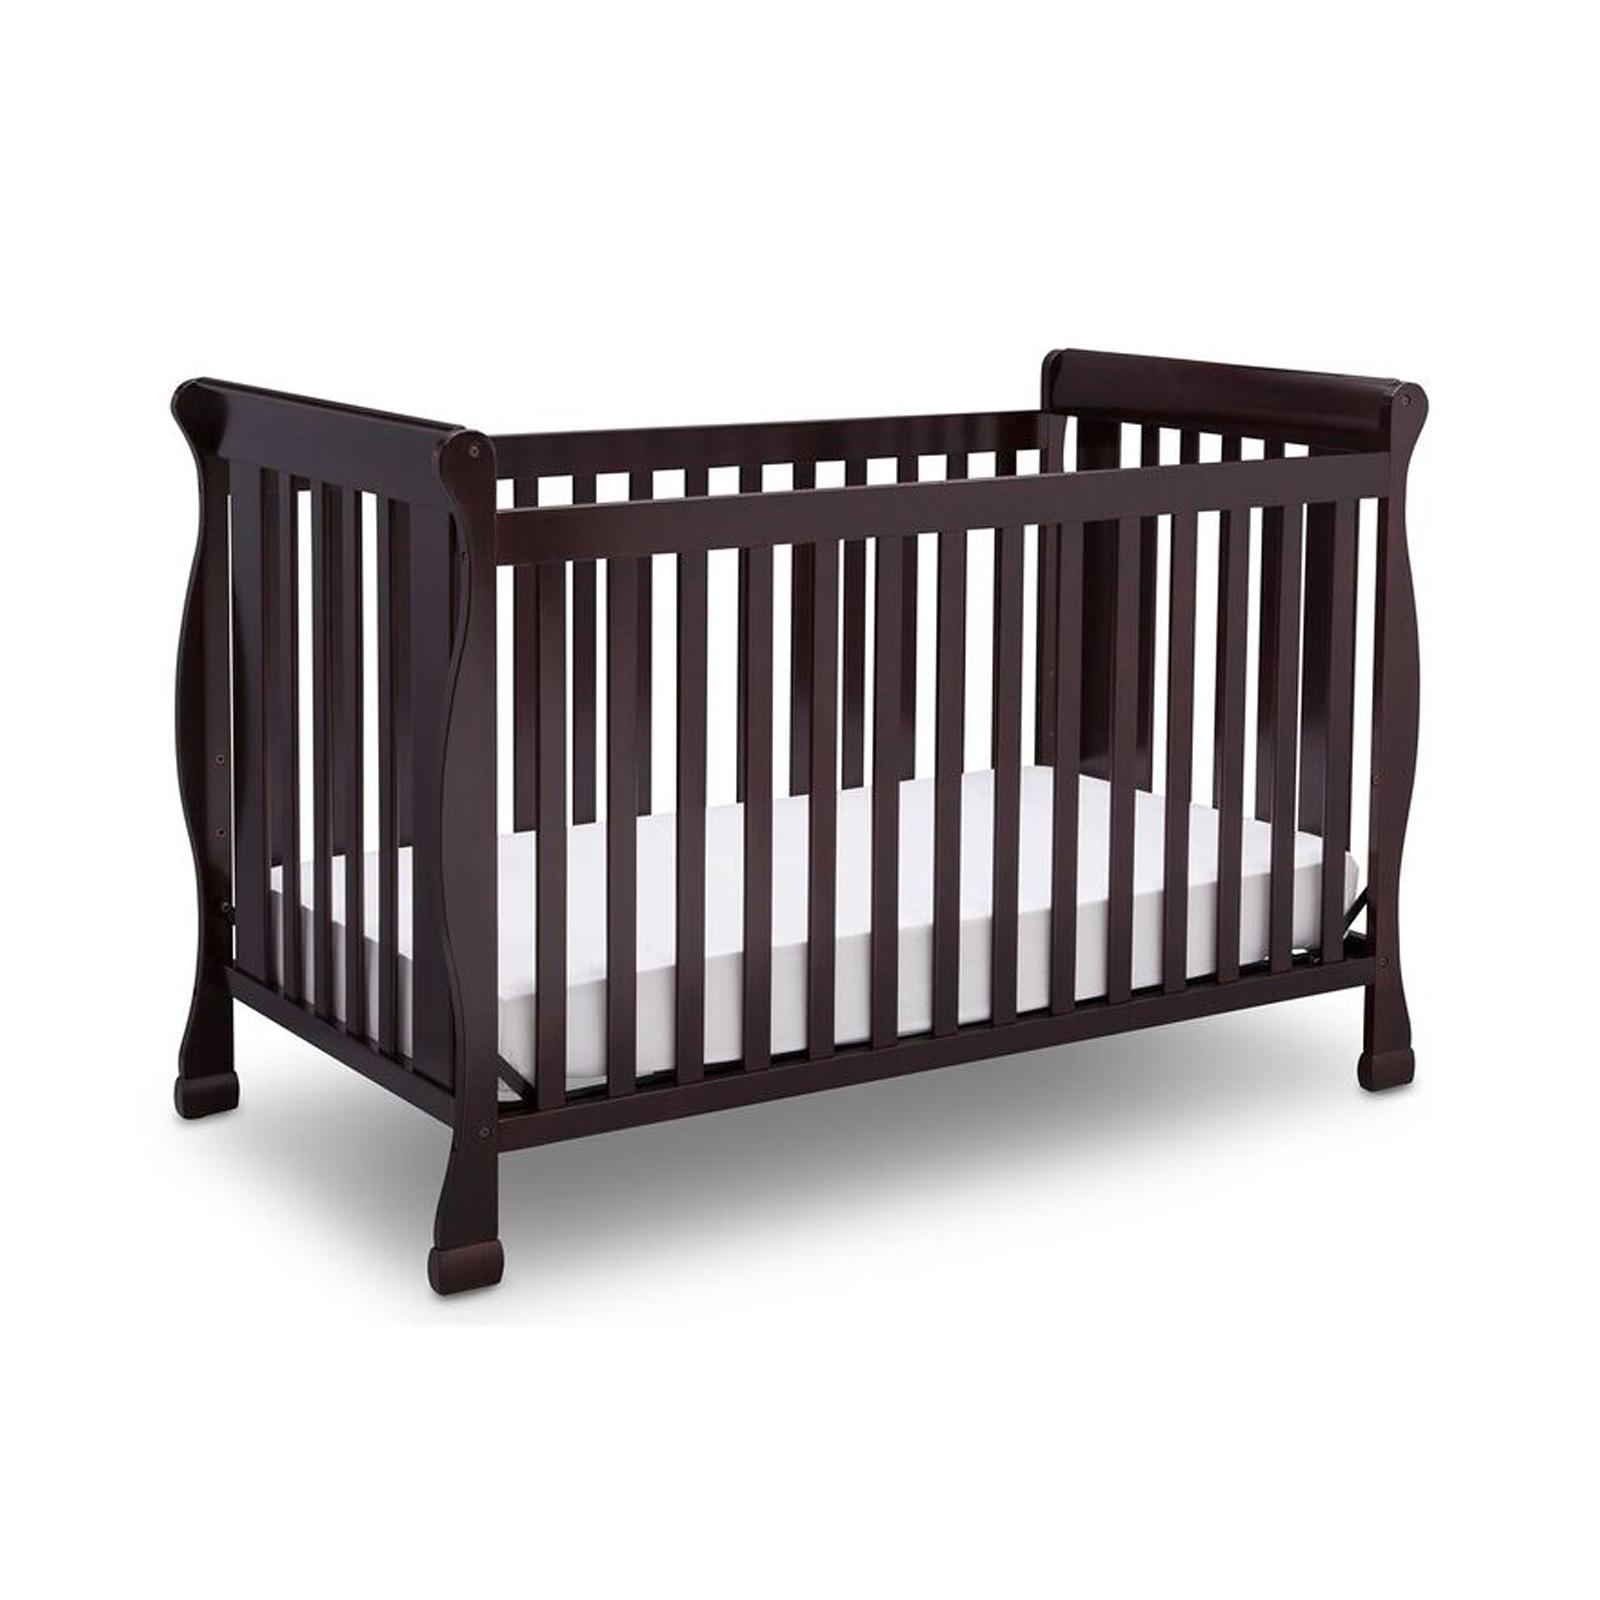 Delta Children 4 in 1 Convertible Crib